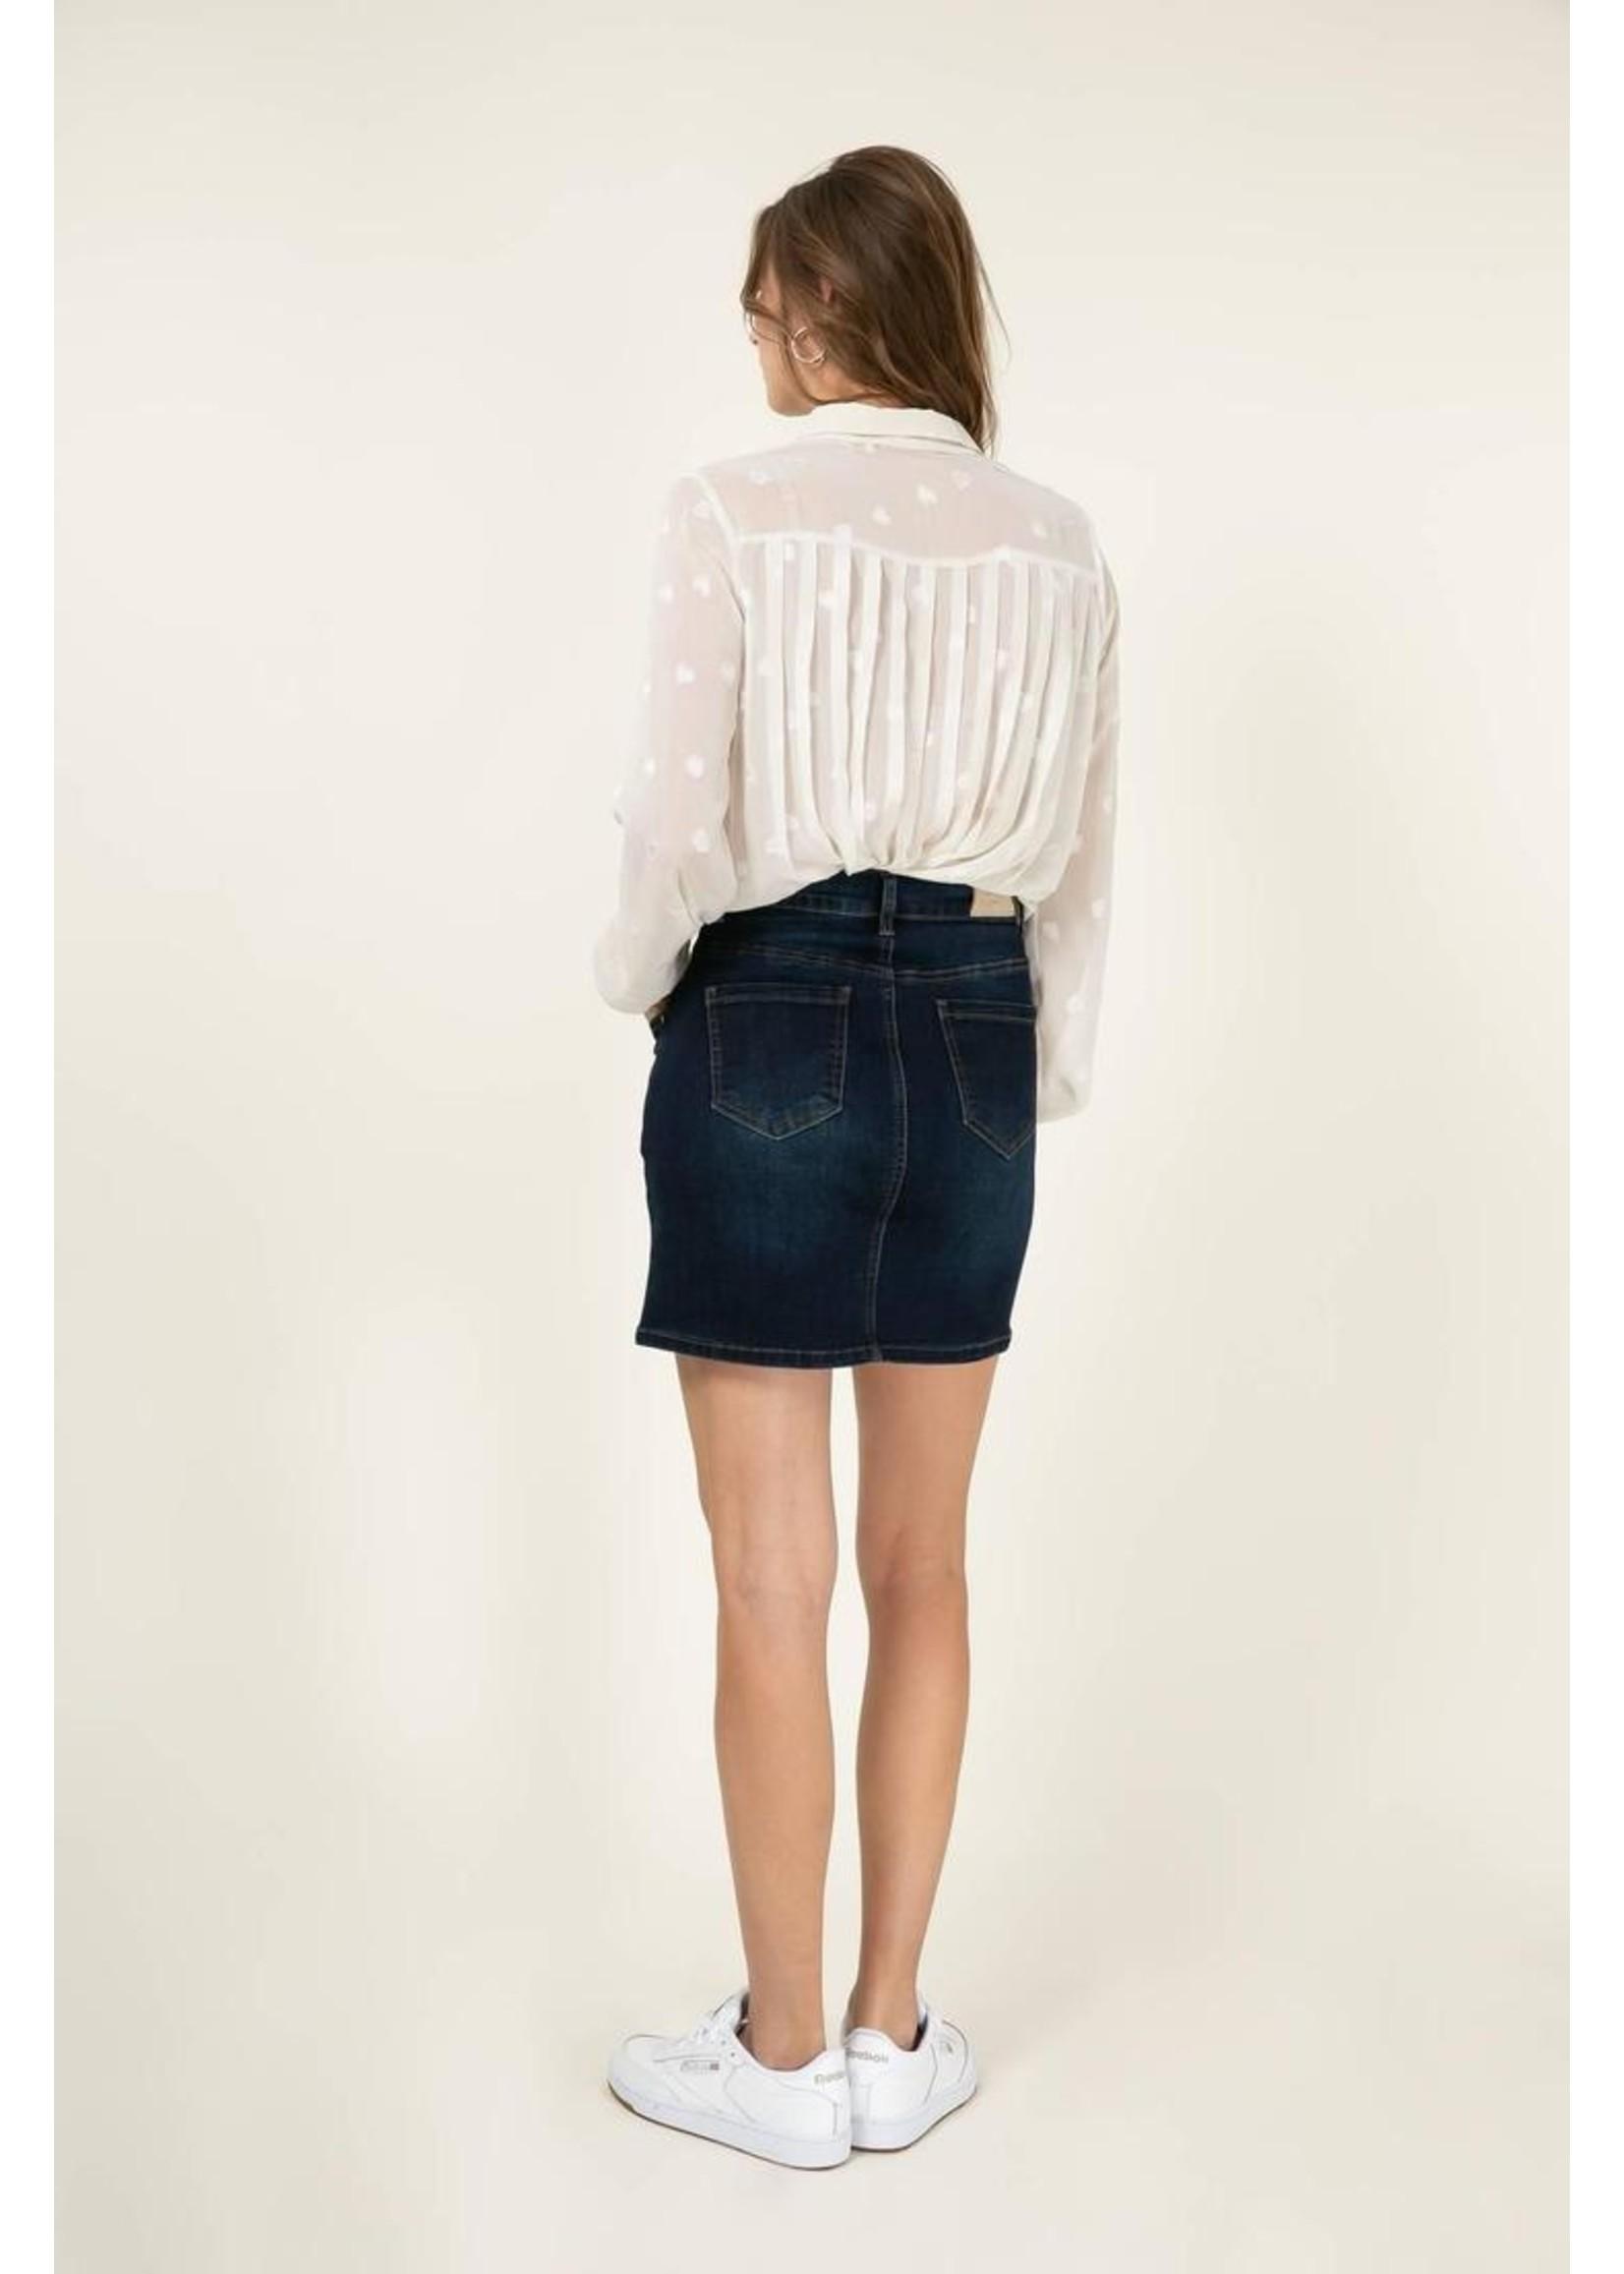 Cherry Paris Officiel Off white heart blouse